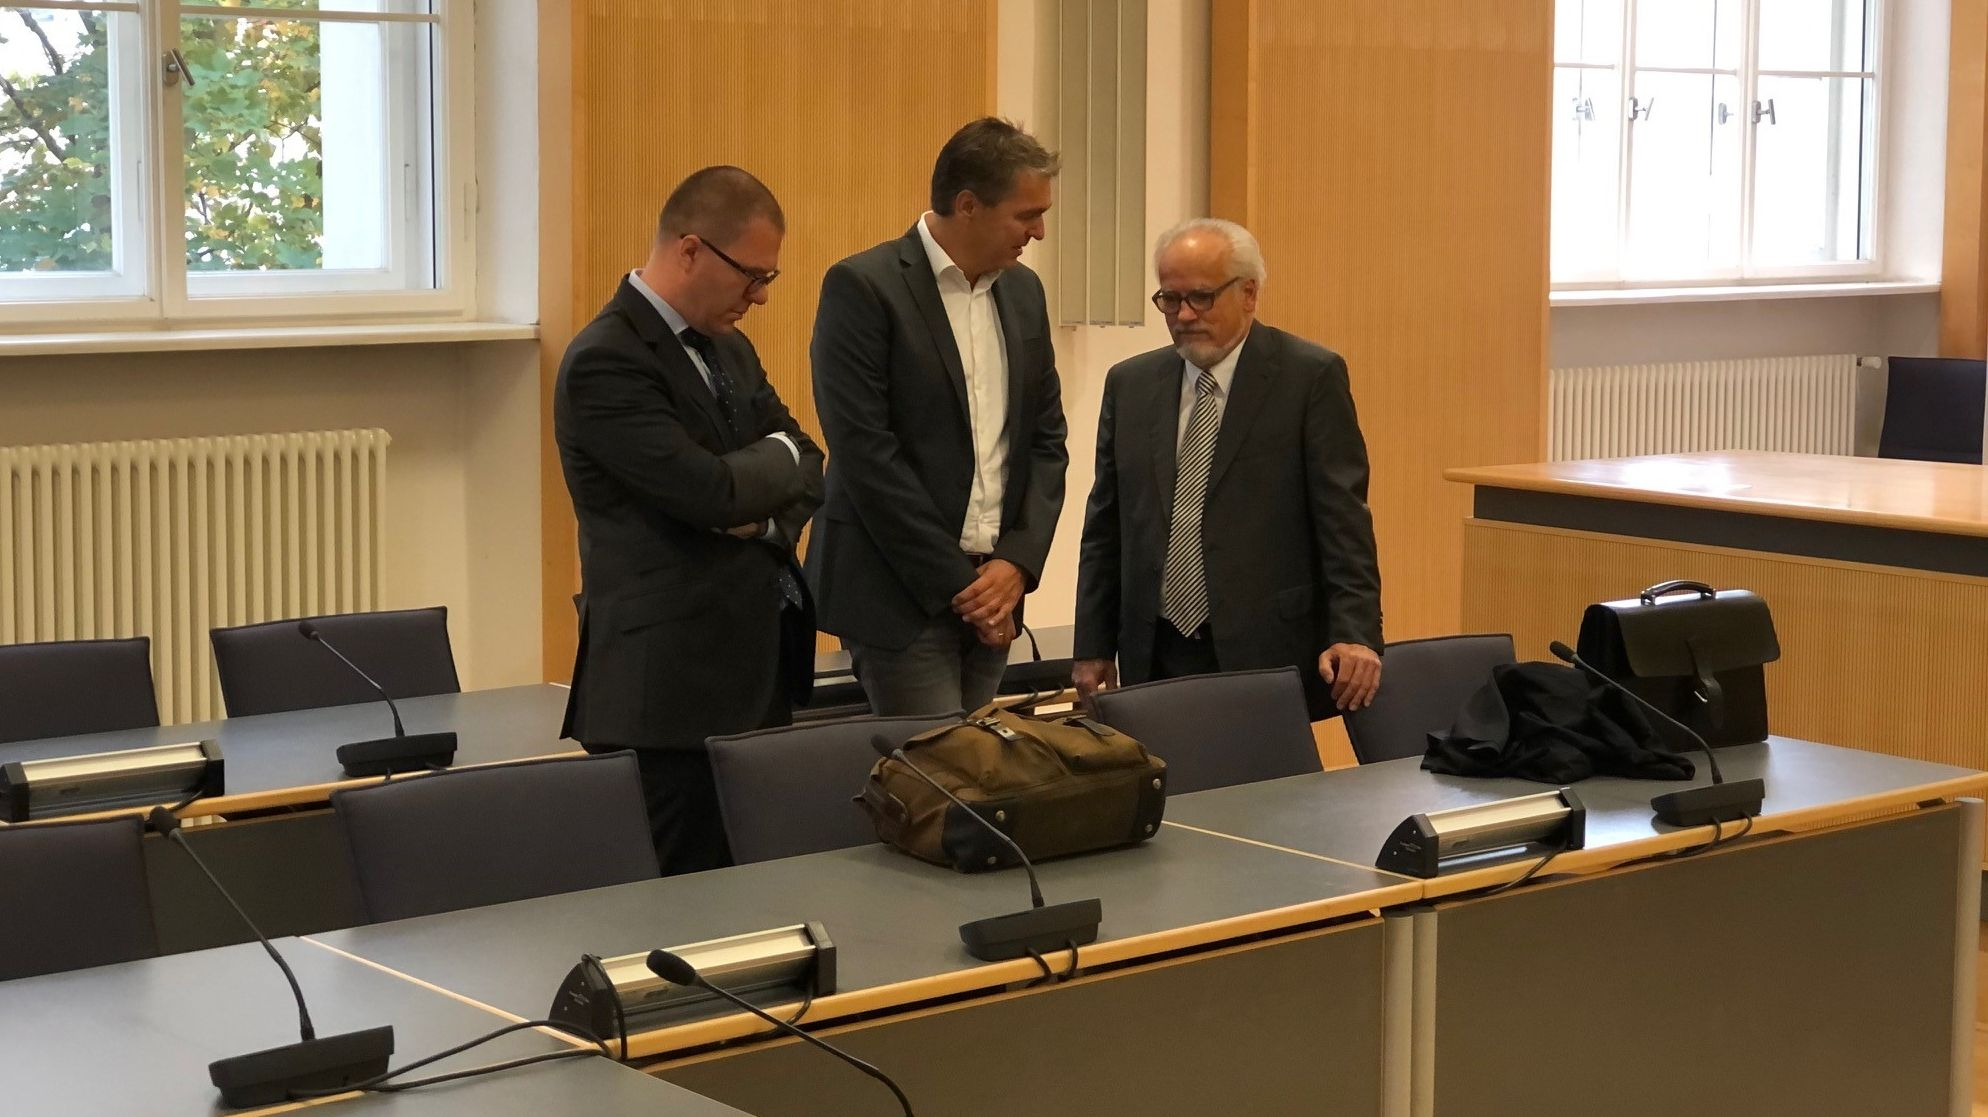 Stefan Pohlmann (Mitte) zu Prozessbeginn mit seinen Anwälten.